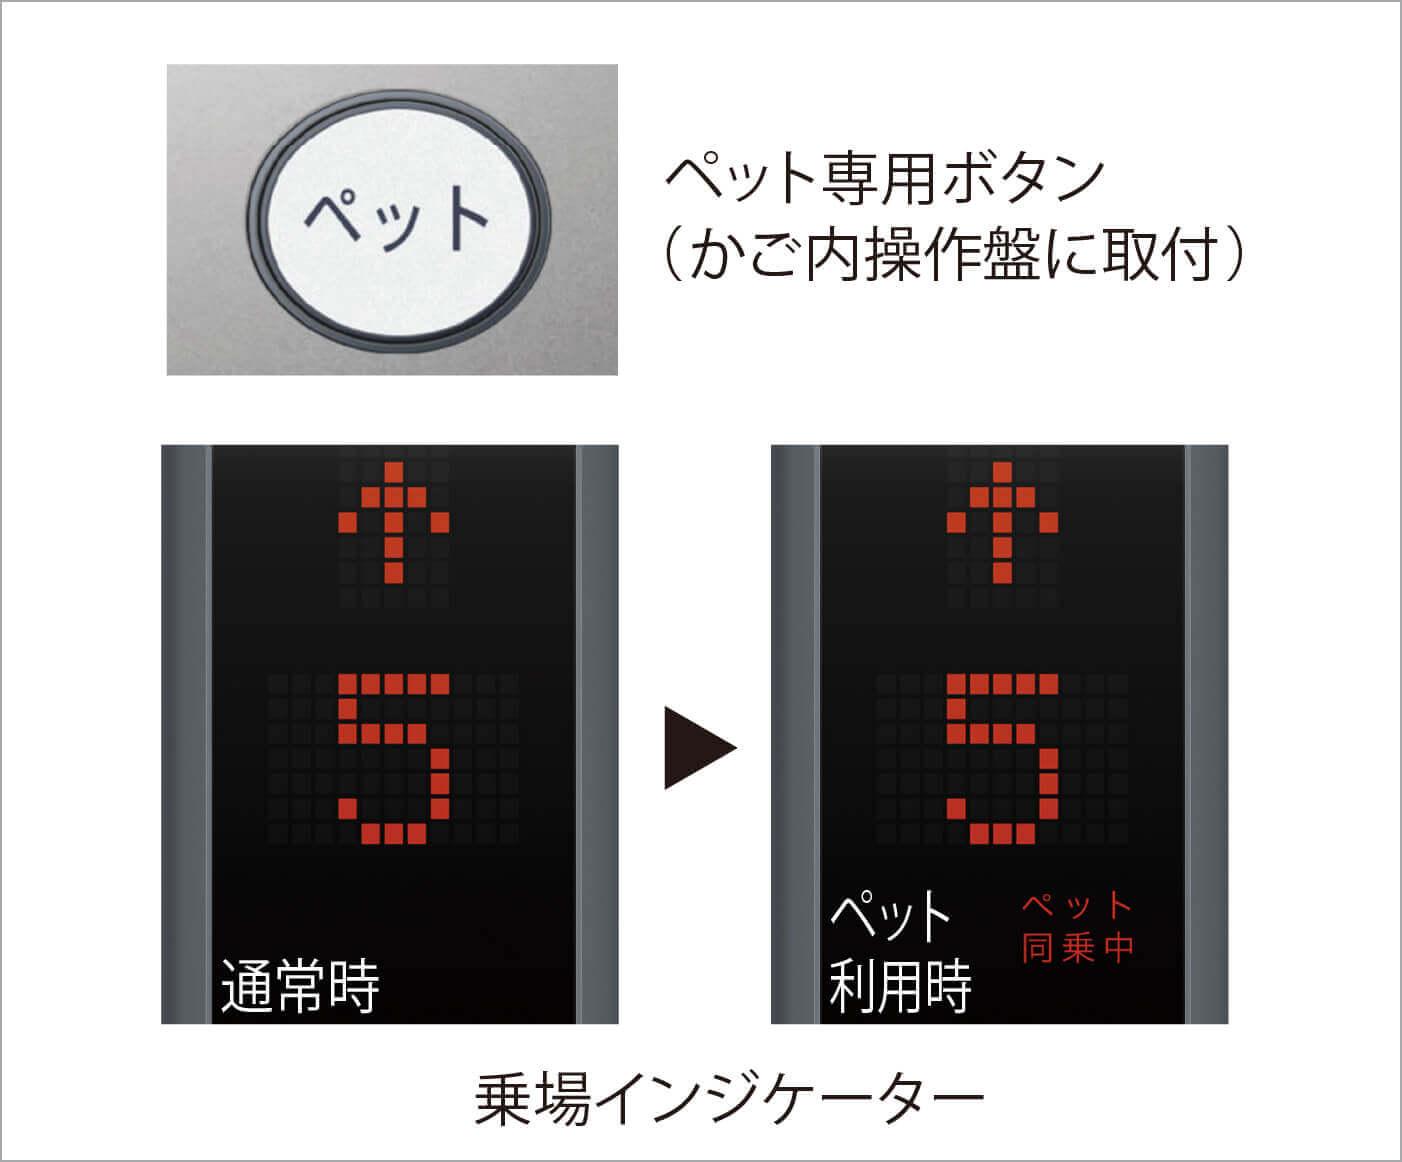 ペット対応エレベーターシステム